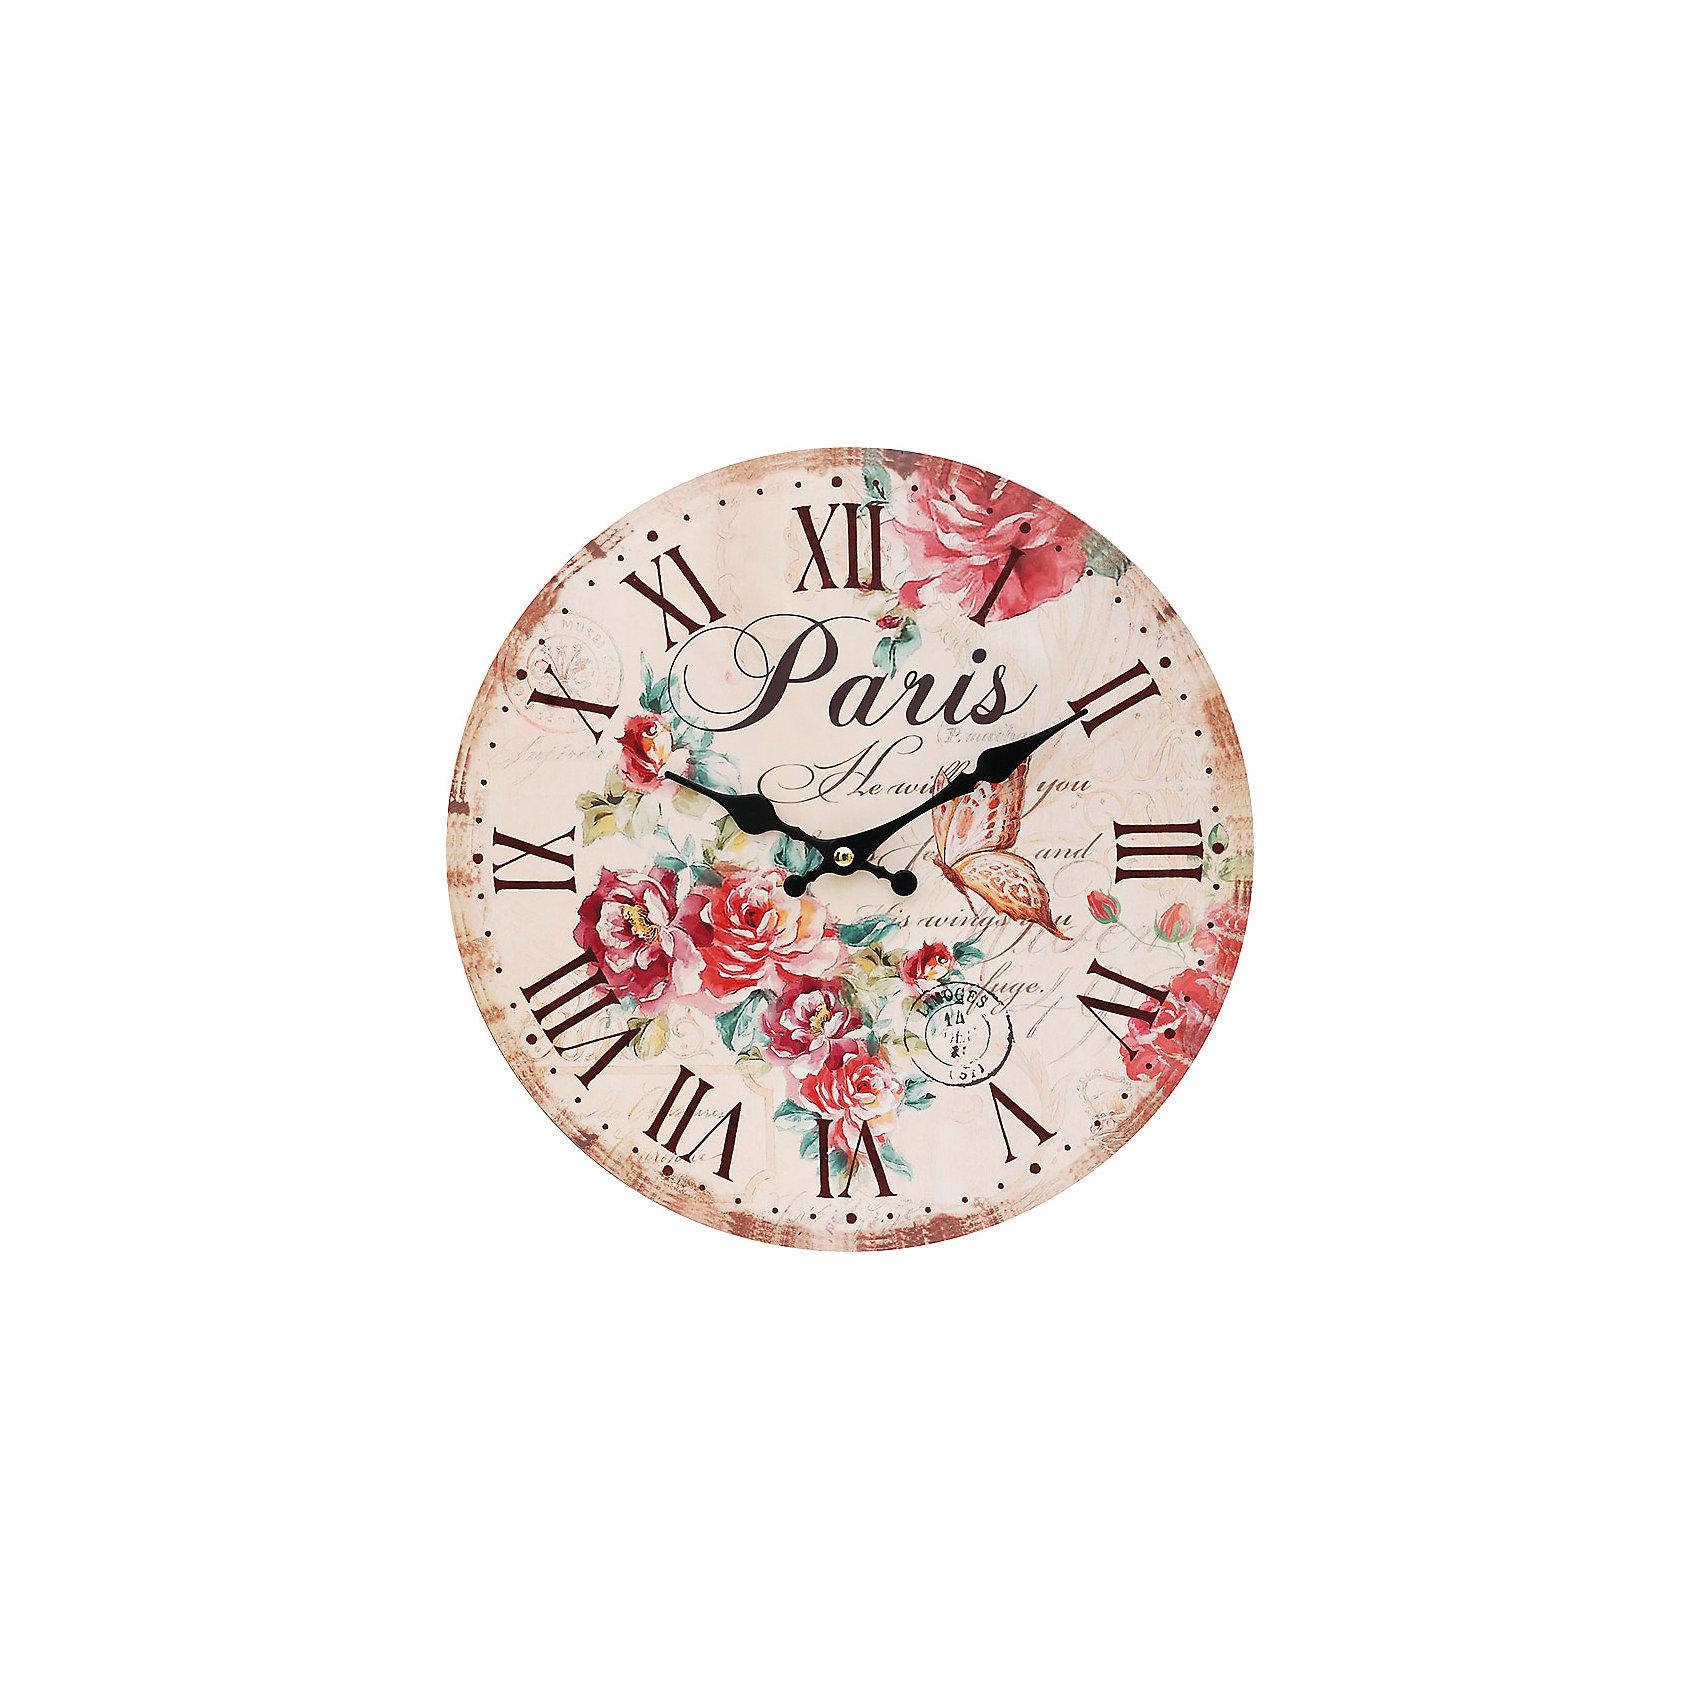 Часы настенные Аромат лета, диаметр 34 смПредметы интерьера<br>Часы настенные Аромат лета, диаметр 34 см.<br><br>Характеристики:<br><br>- Диаметр: 34 см.<br>- Две стрелки часовая и минутная<br>- Батарейка: 1 типа АА (в комплект не входит)<br>- Упаковка картонная коробка<br><br>Кварцевые настенные часы с механизмом плавного хода помимо своего прямого назначения – показывать точное время – станут важным элементом декора Вашего дома, квартиры или офиса. Открытый циферблат часов выполнен из листа оргалита с декоративным покрытием, оформлен изображением цветочной композиции и порхающей бабочки. Часовая и минутная стрелки металлические. Часовой механизм закрыт пластиковым корпусом. Часы будут стильным акцентом в интерьере и создадут дополнительный уют и хорошее настроение.<br><br>Часы настенные Аромат лета, диаметр 34 см можно купить в нашем интернет-магазине.<br><br>Ширина мм: 345<br>Глубина мм: 340<br>Высота мм: 45<br>Вес г: 2500<br>Возраст от месяцев: 72<br>Возраст до месяцев: 144<br>Пол: Унисекс<br>Возраст: Детский<br>SKU: 5089826